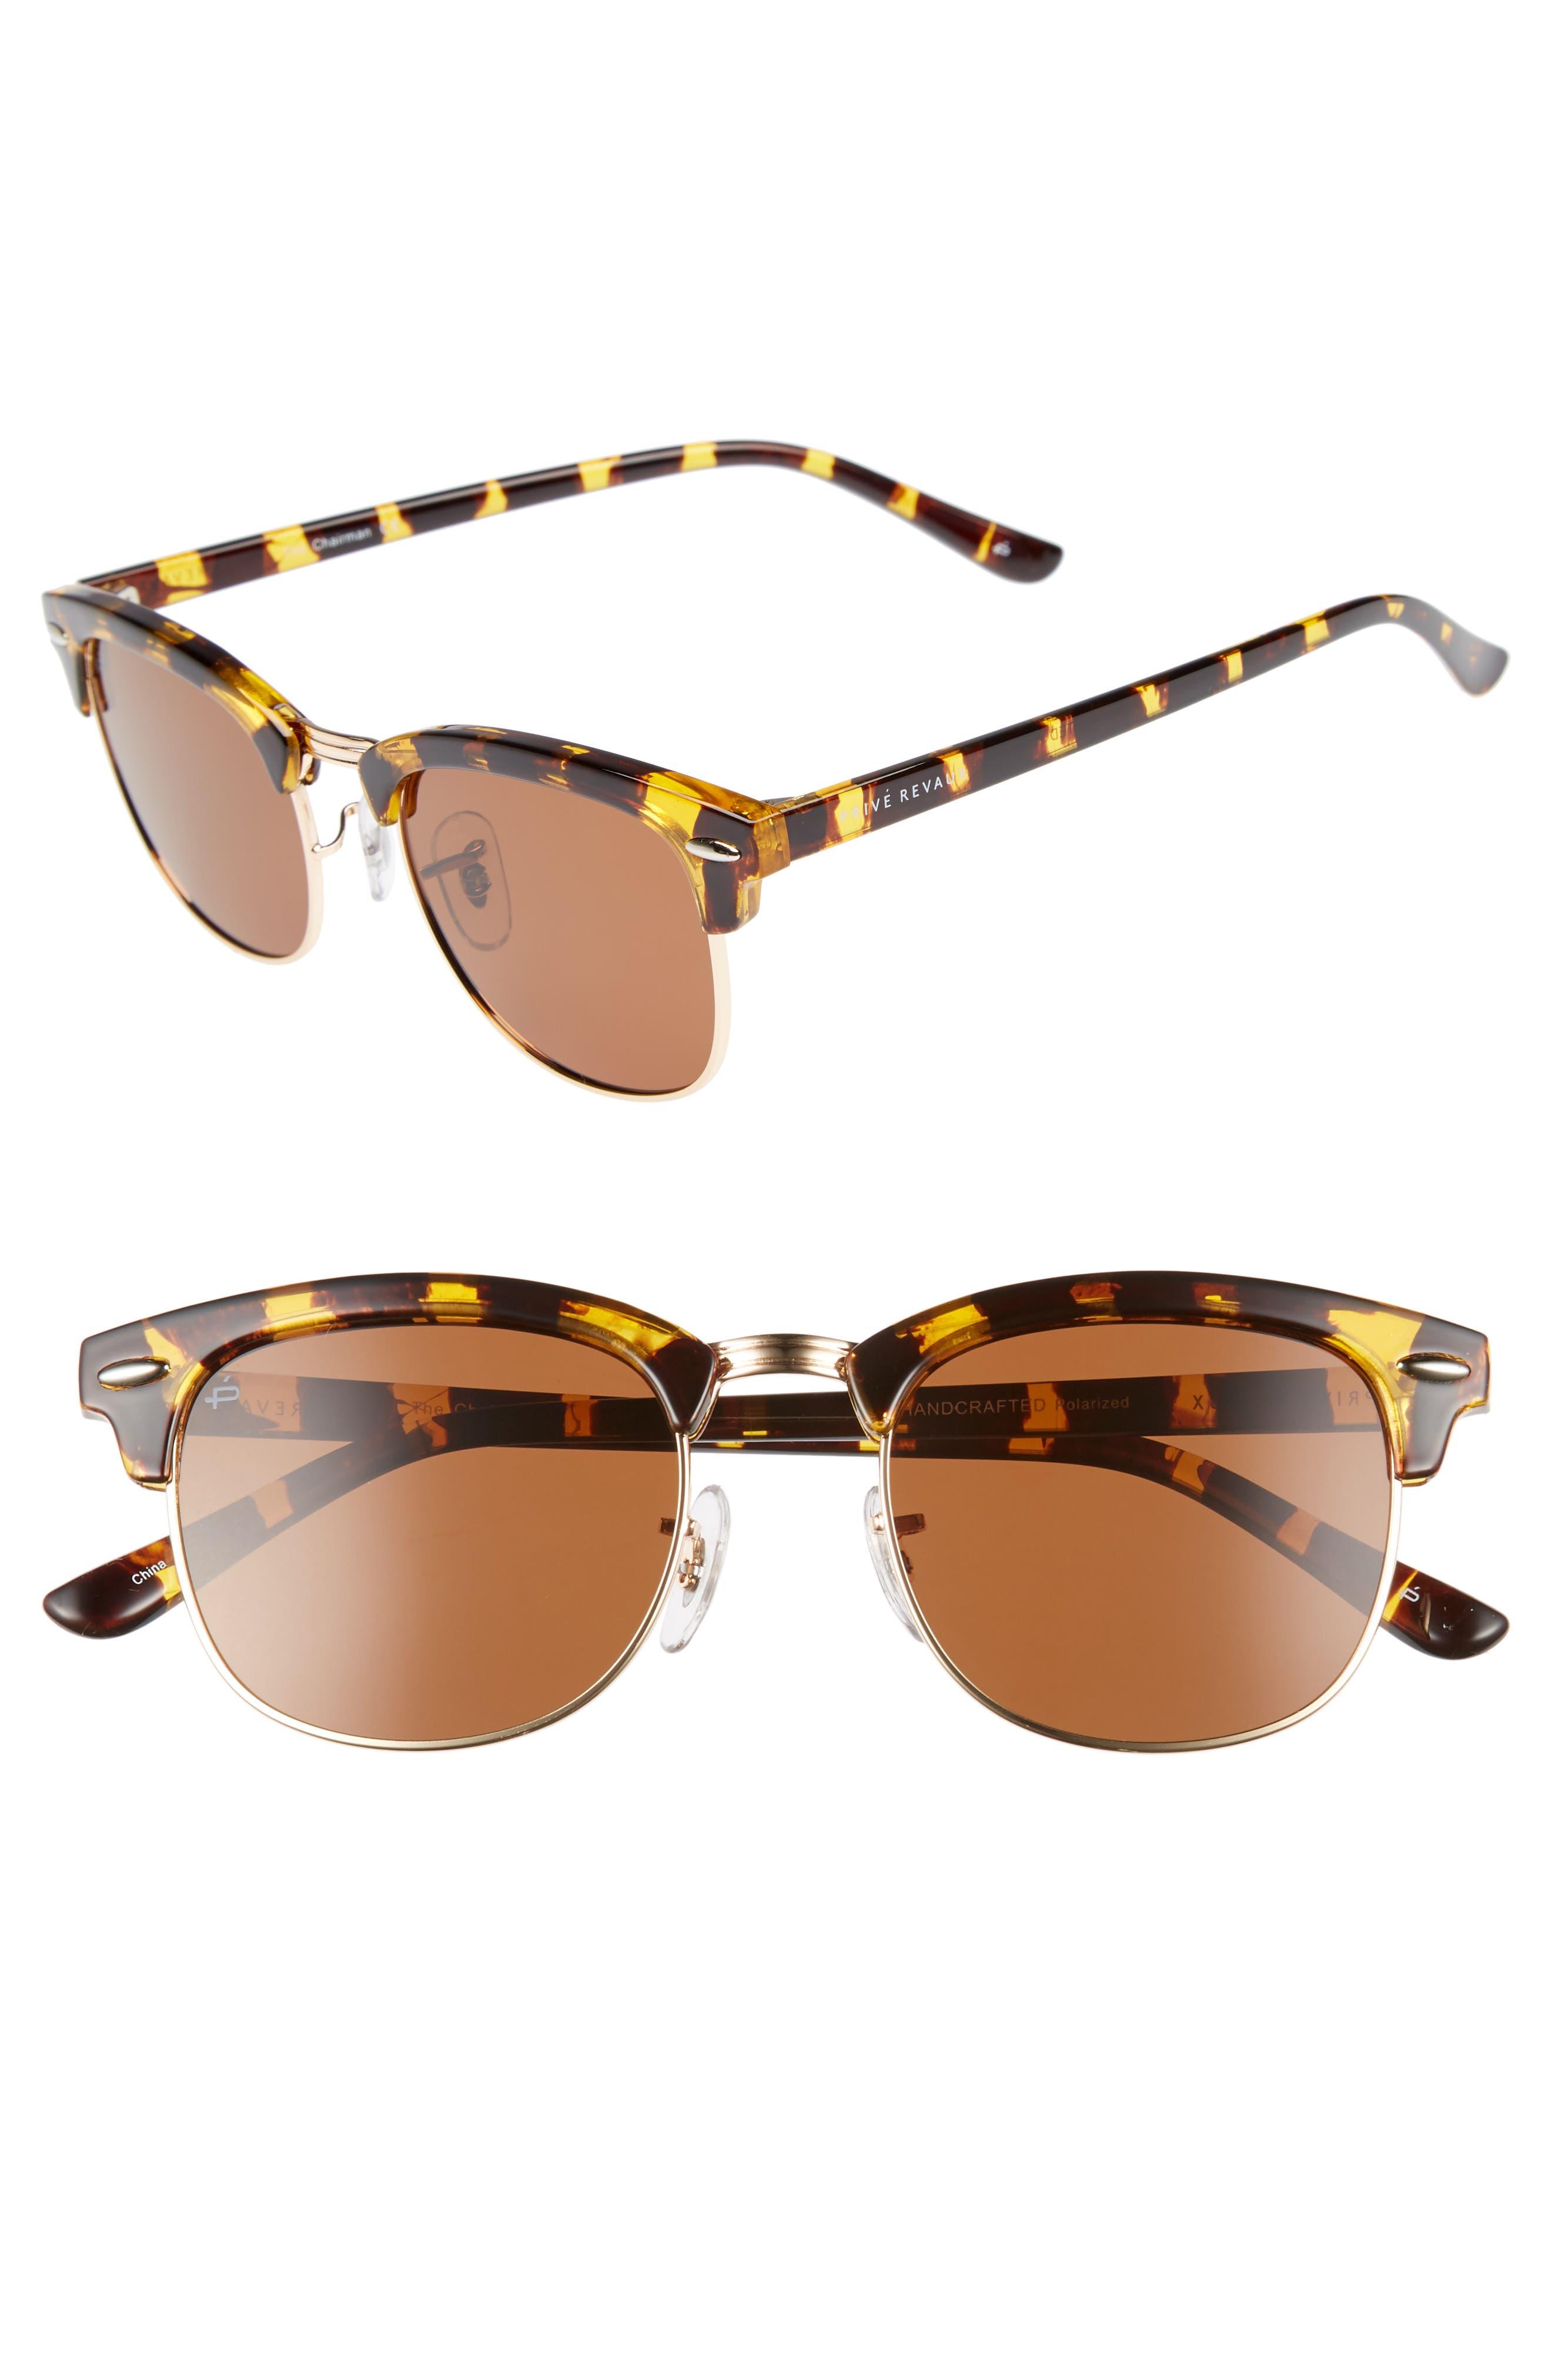 Privé Revaux The Chairman 52mm Polarized Browline Sunglasses,                         Main,                         color, Tortoise